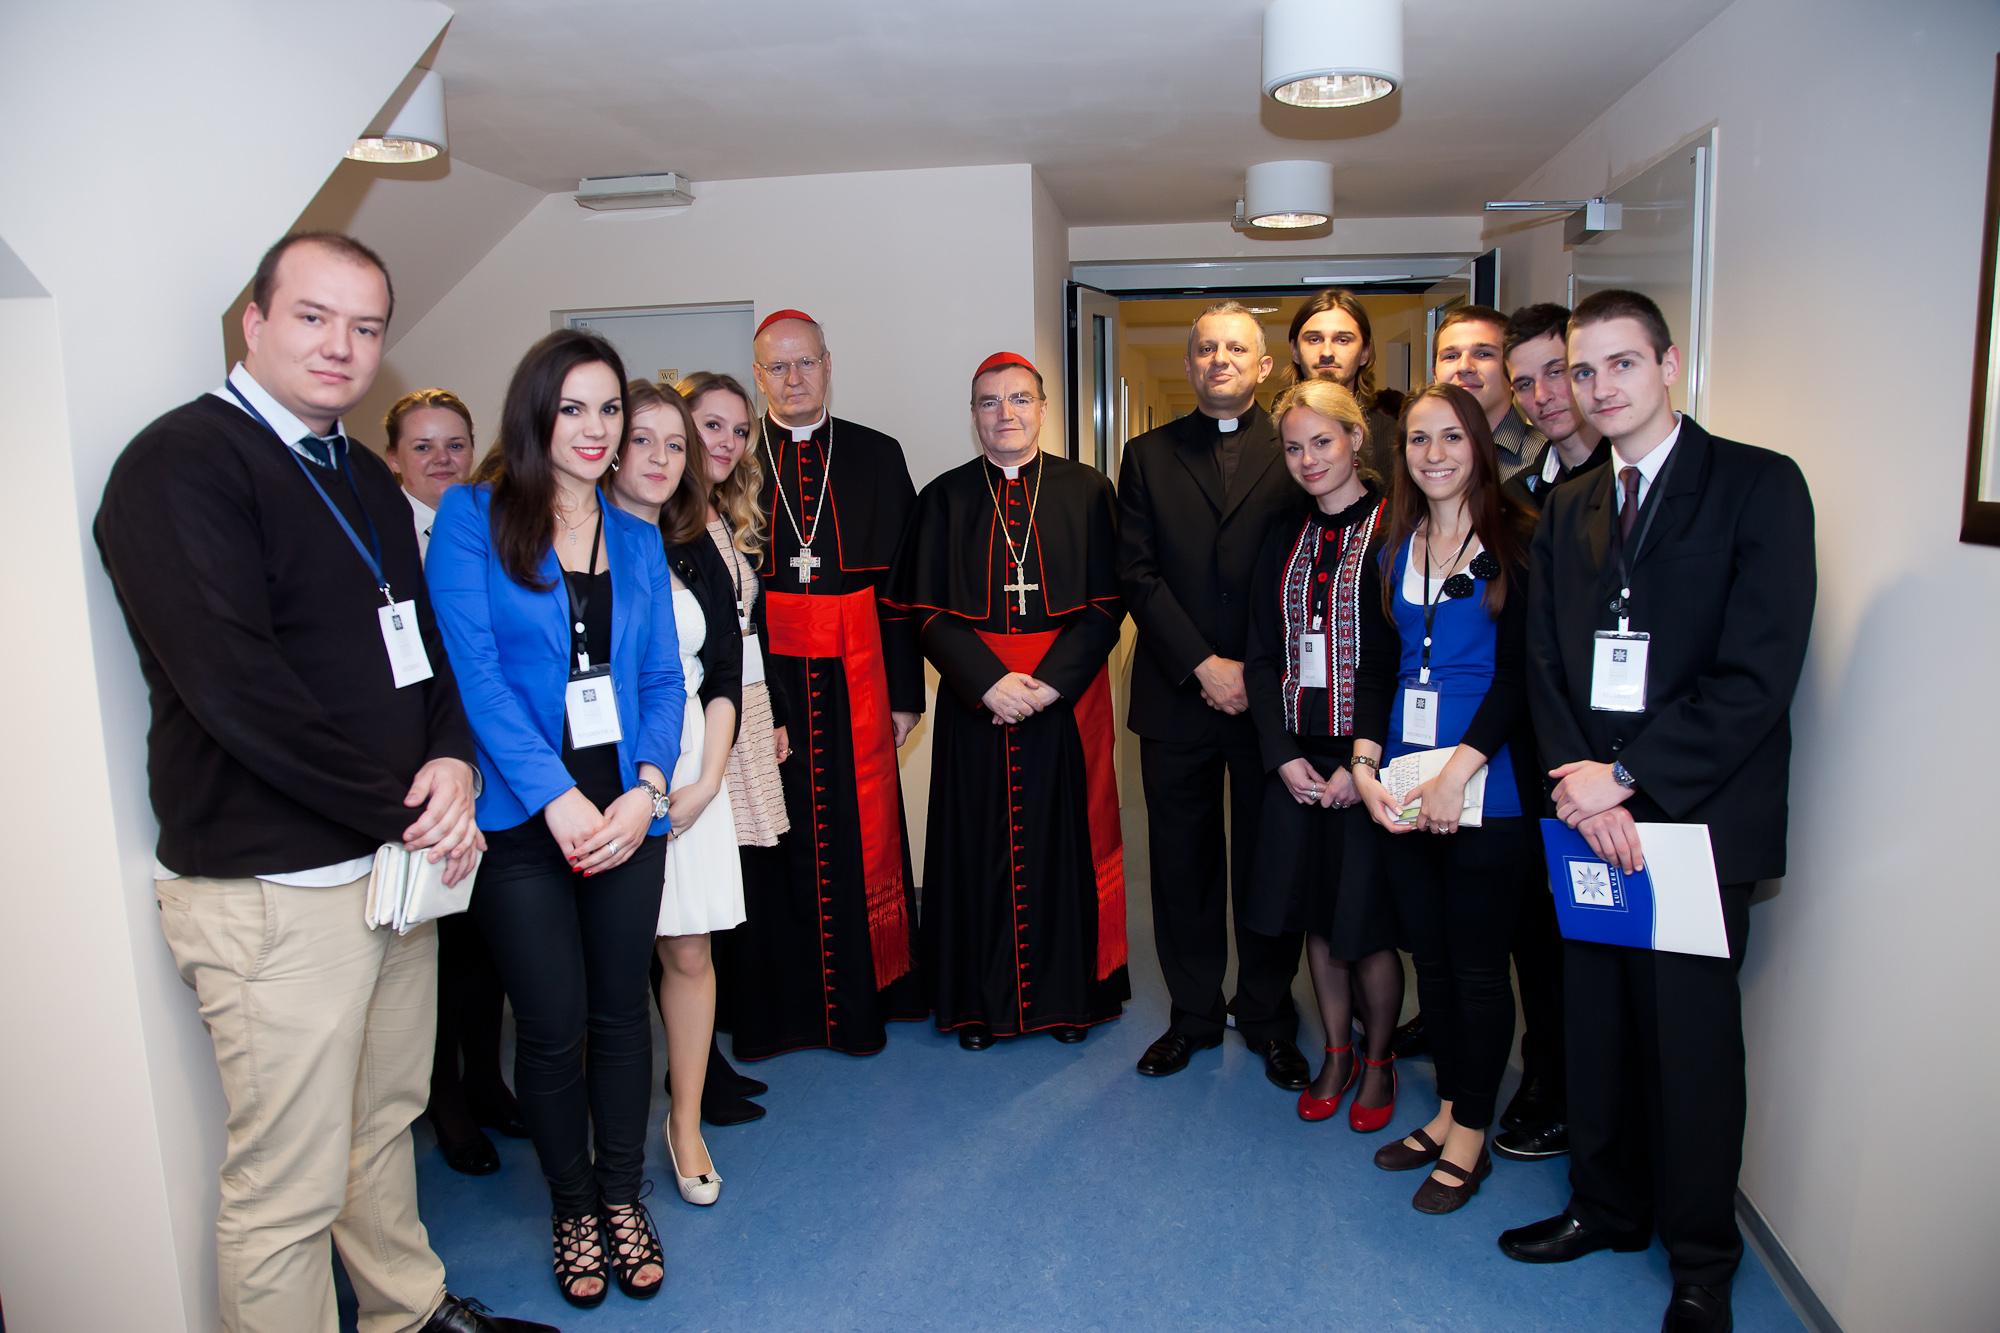 Studenti Hrvatskog katoličkog sveučilišta s uzoritim kardinalima Erdőom i Bozanićem i rektorom Tanjićem